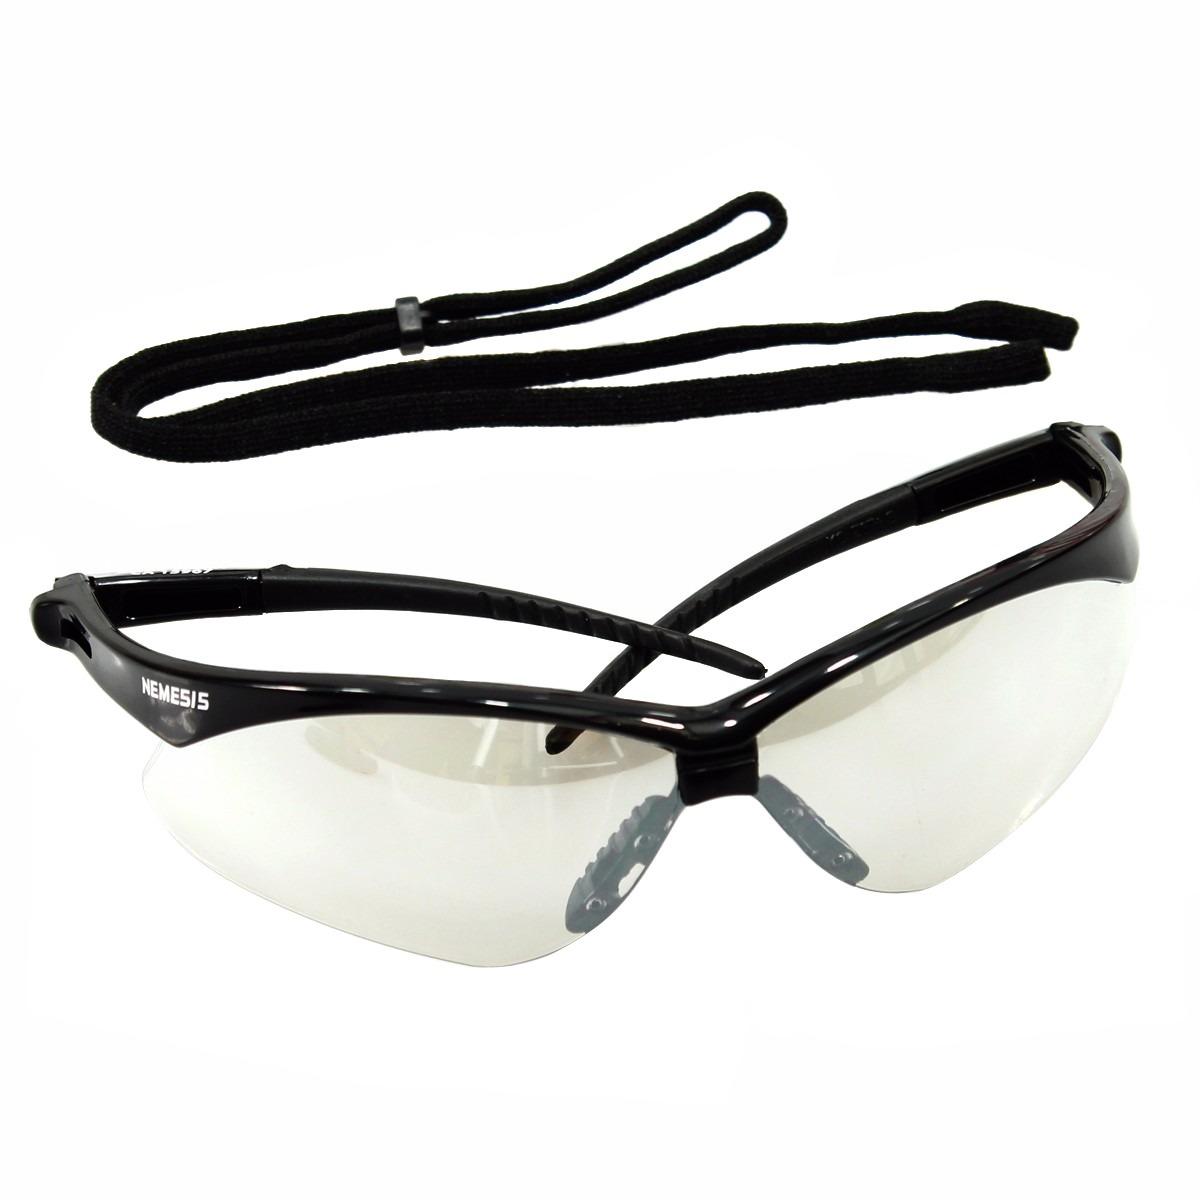 oculos nemesis jackson armacao preta lente in-out ca uv unid. Carregando  zoom. 667f02dd33